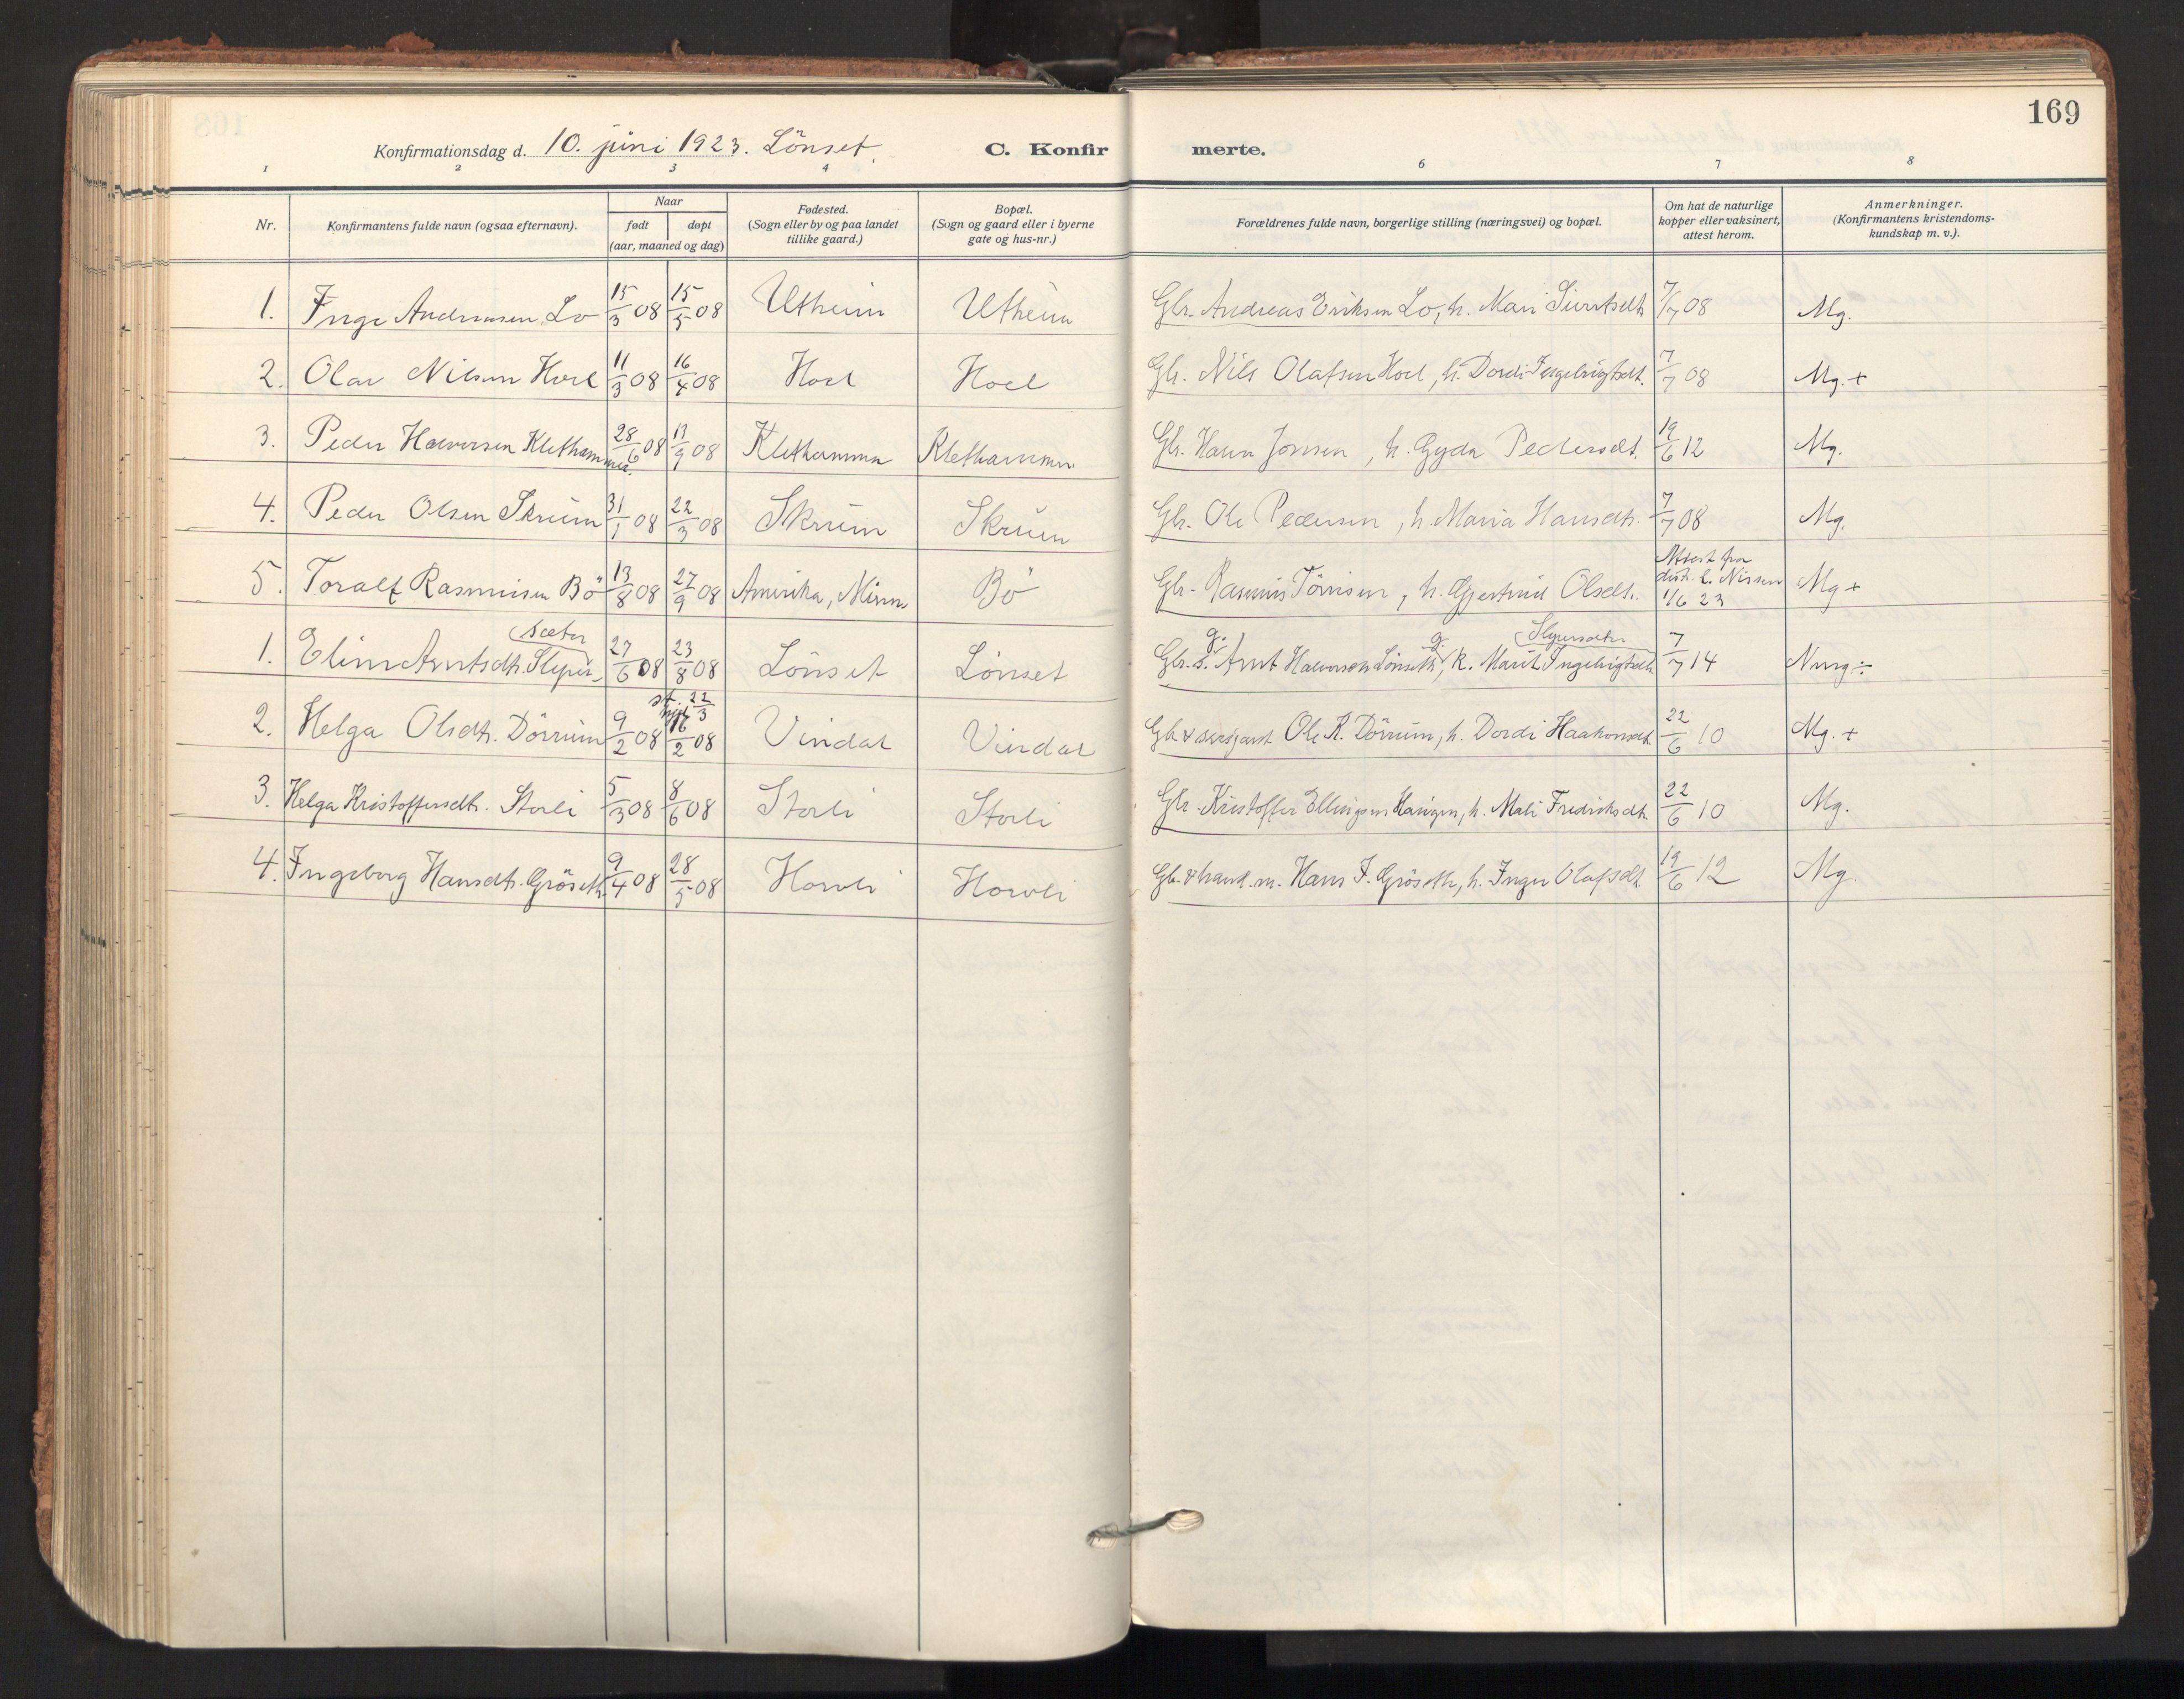 SAT, Ministerialprotokoller, klokkerbøker og fødselsregistre - Sør-Trøndelag, 678/L0909: Ministerialbok nr. 678A17, 1912-1930, s. 169